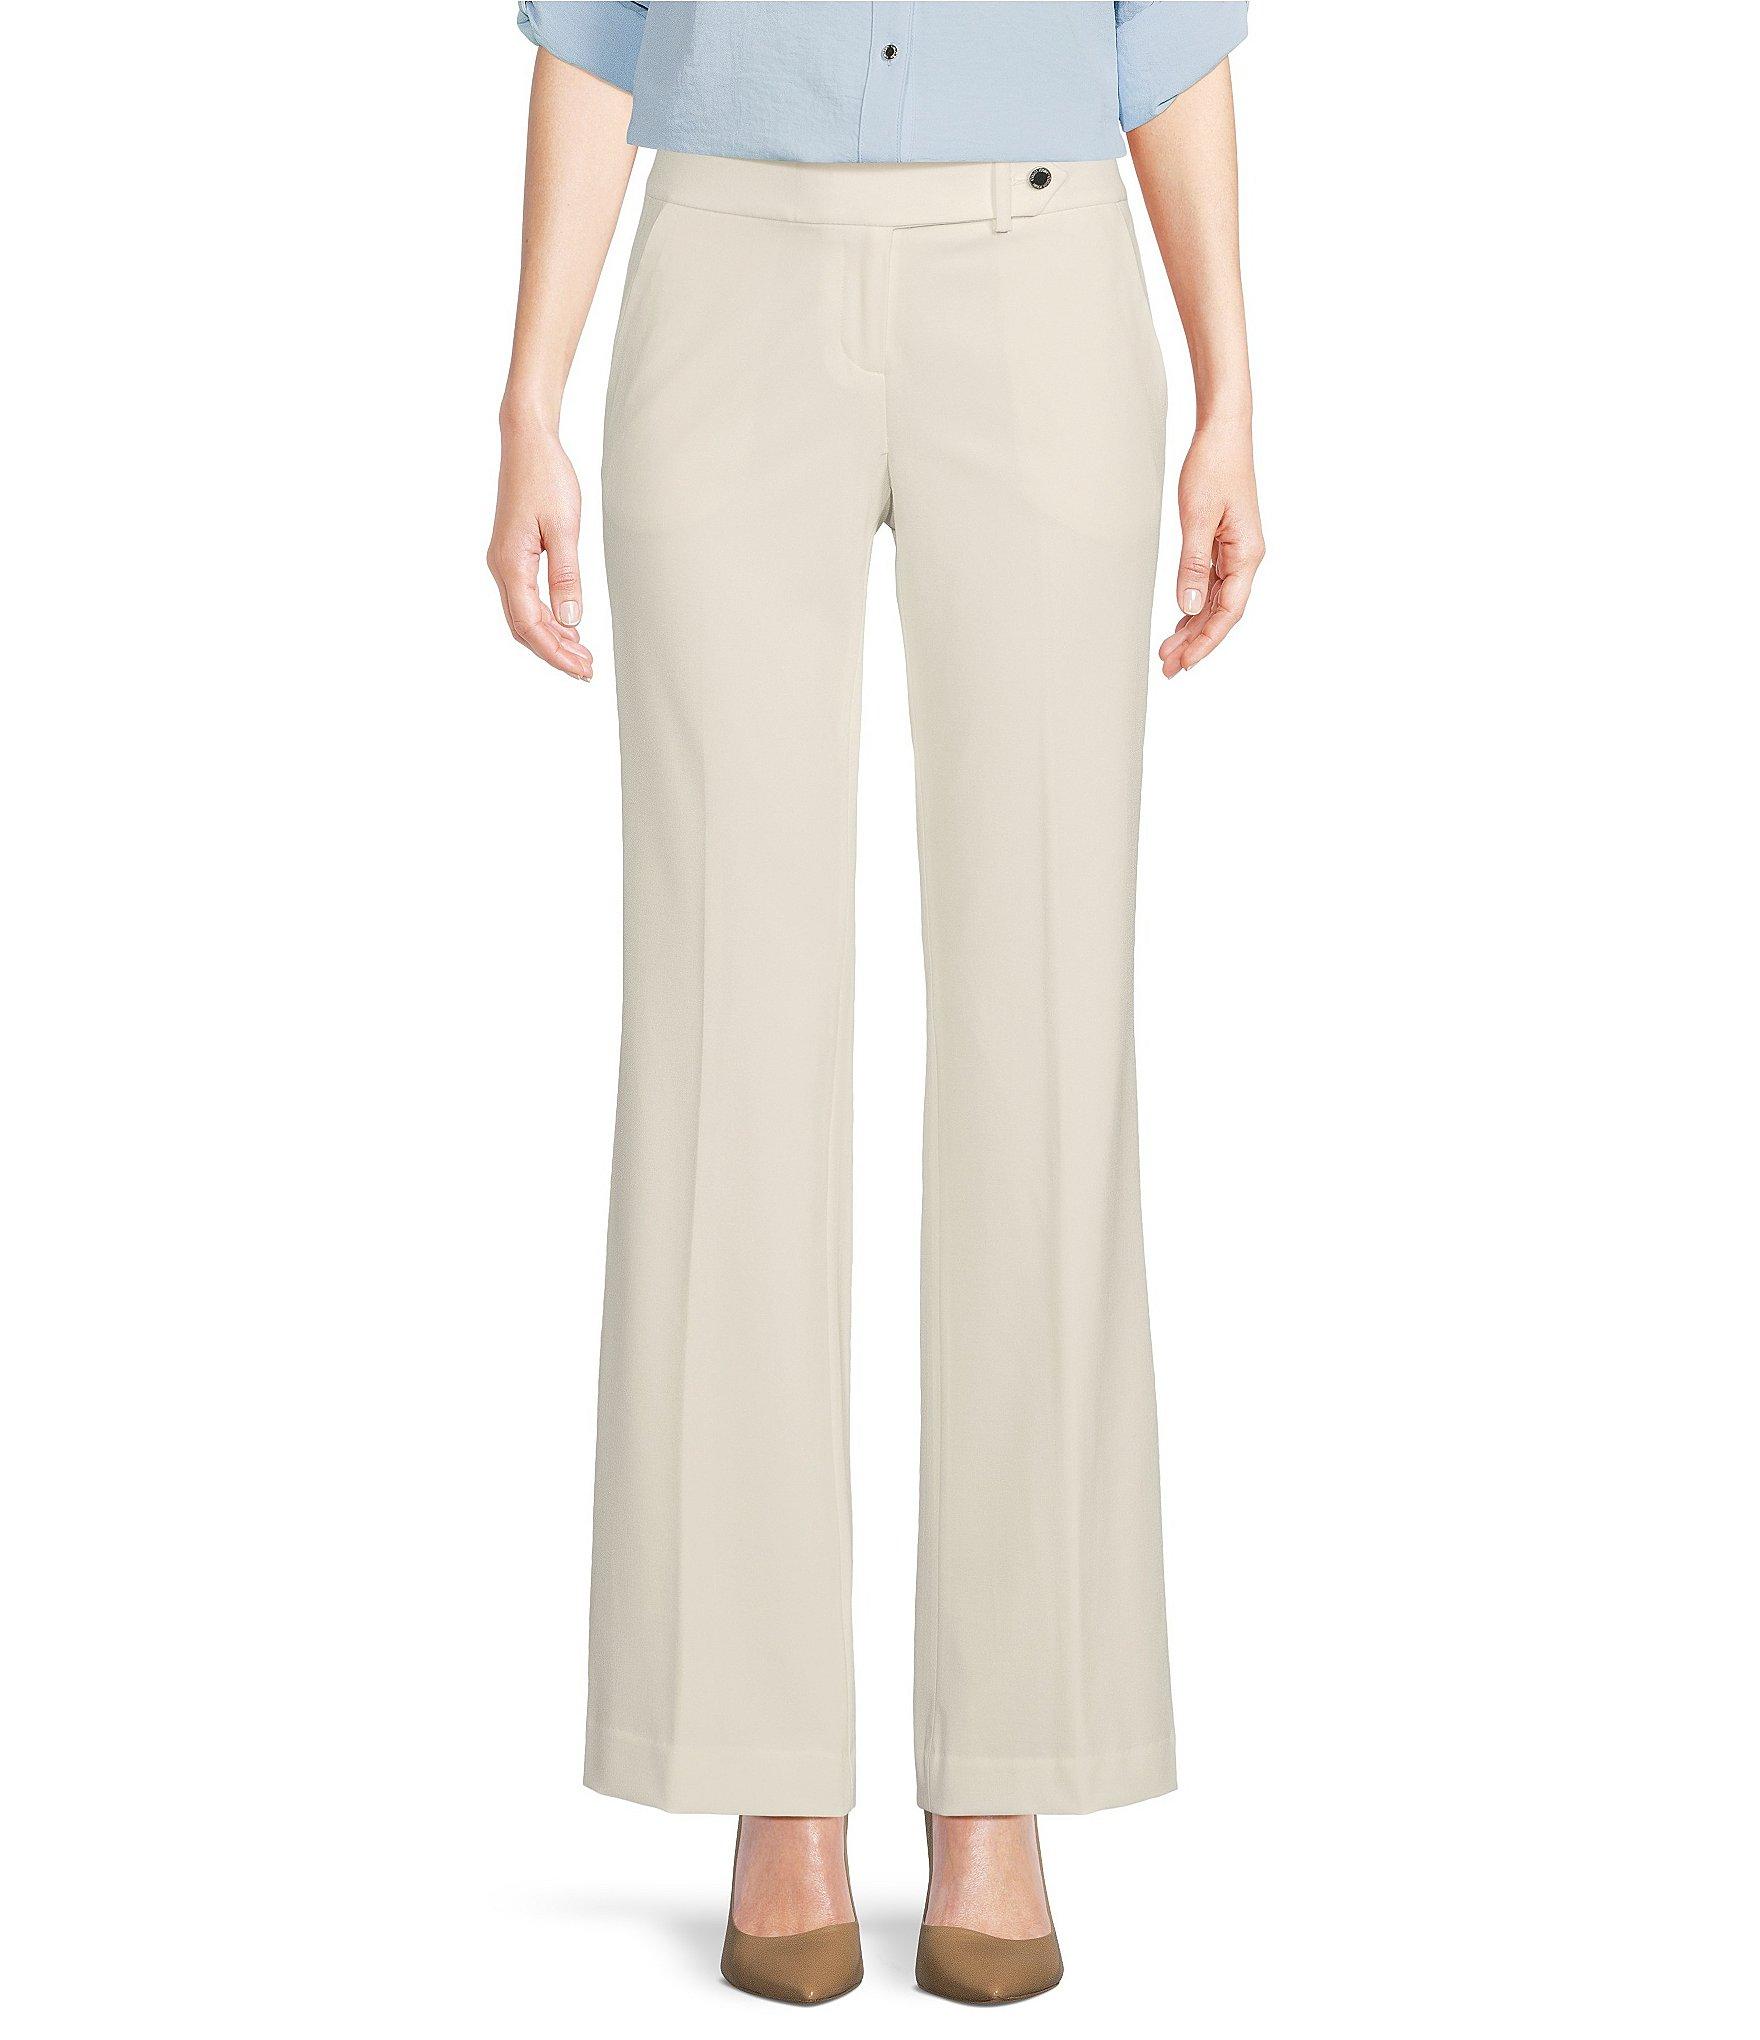 d0d5af901fe Calvin Klein Classic Fit Pants